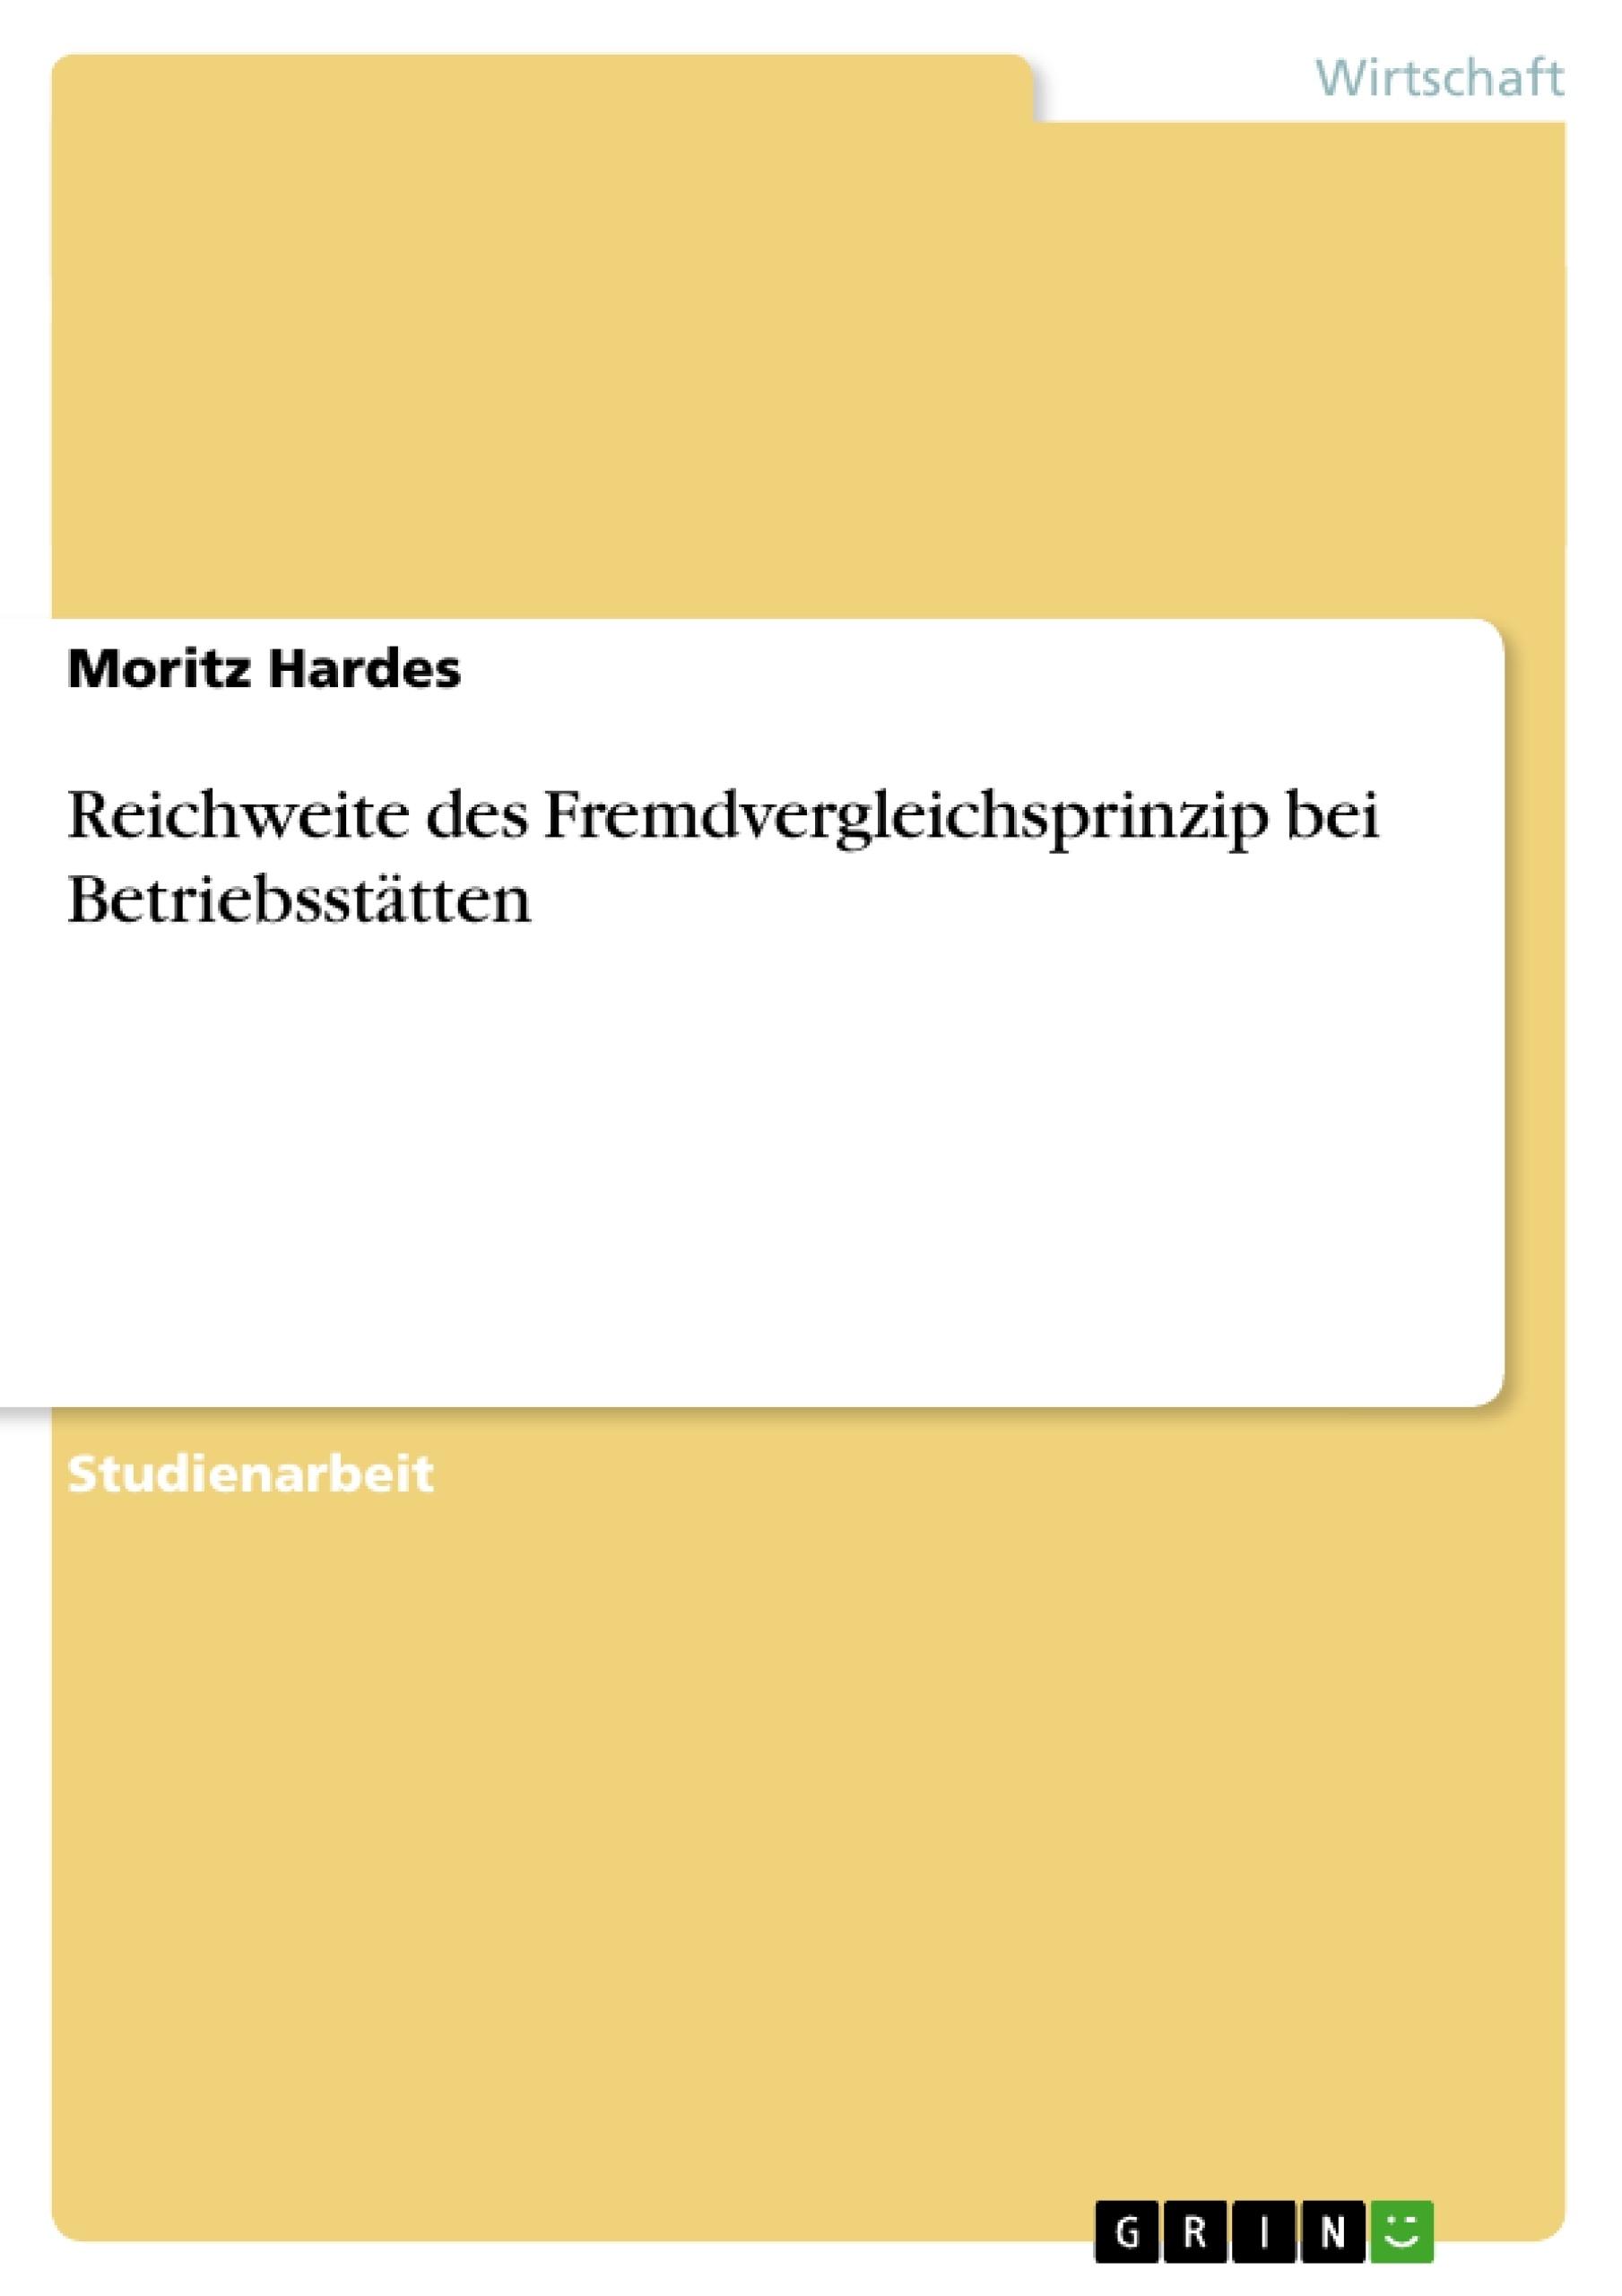 Titel: Reichweite des Fremdvergleichsprinzip bei Betriebsstätten